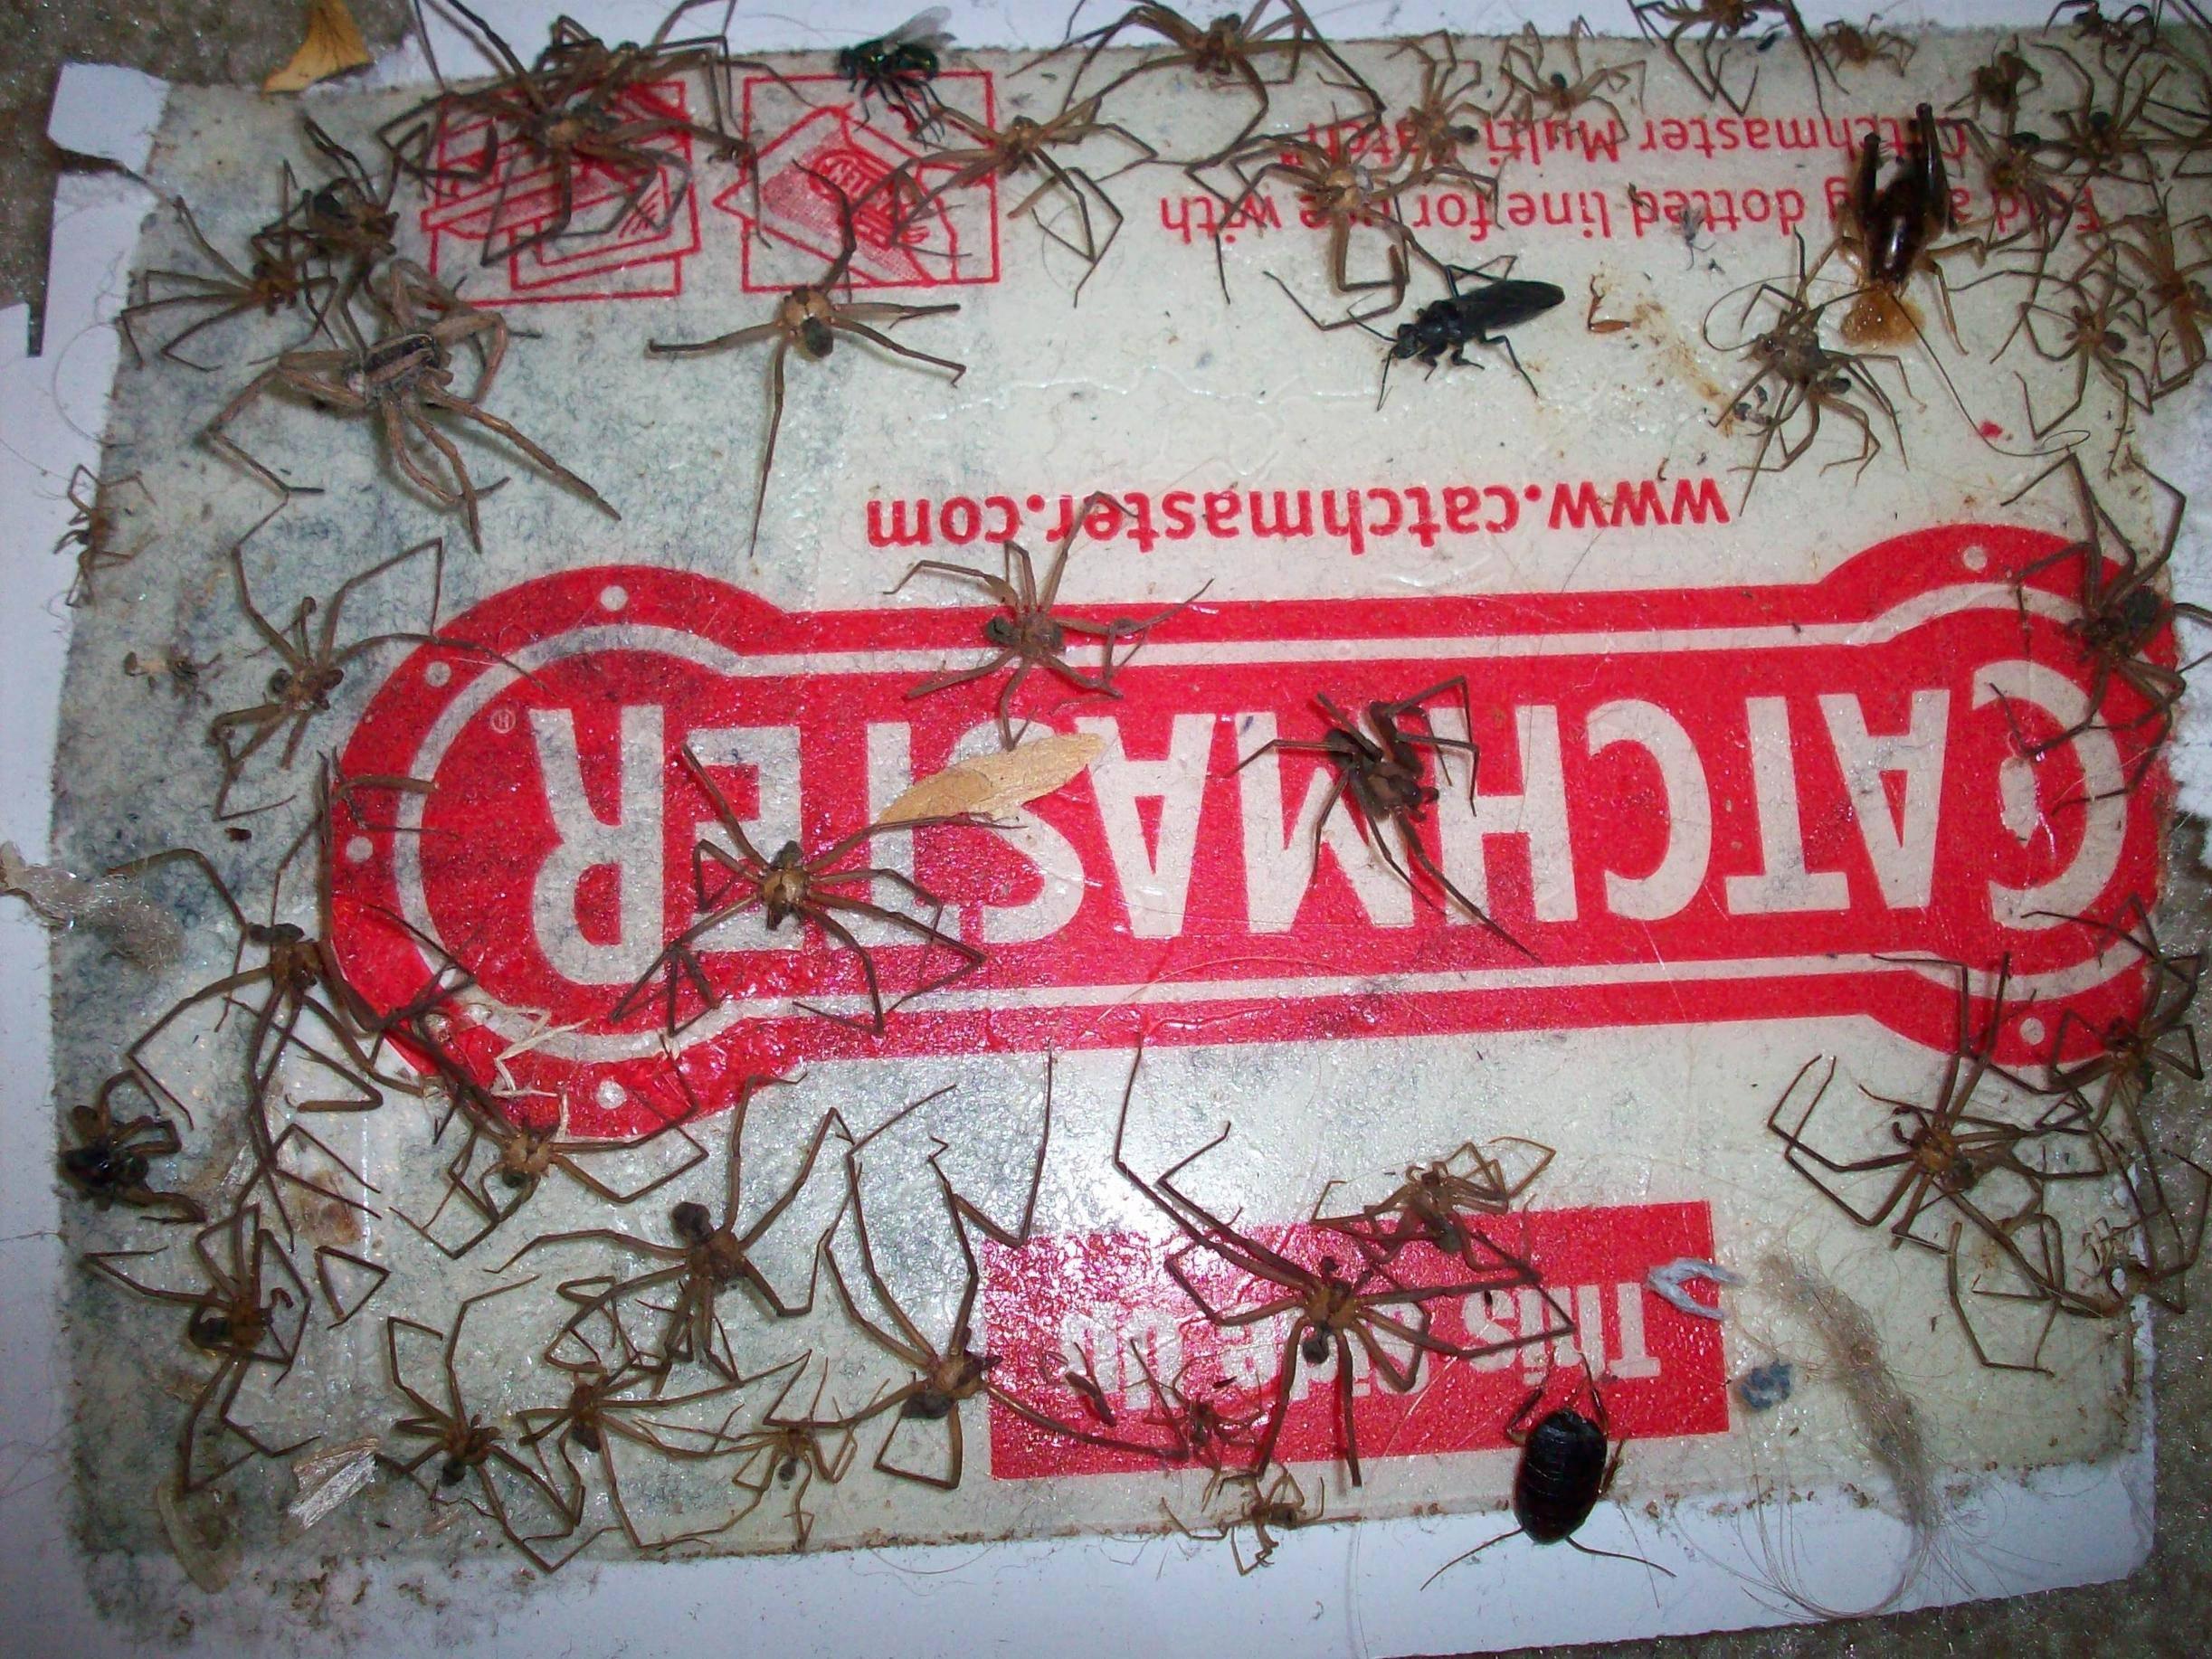 Supple Enter Image Description Here Pest Control How Do I Set Up A Massive Spider Glue Trap Like Askreddit Home Improvement Reddit Home Improvement Videos curbed Reddit Home Improvement